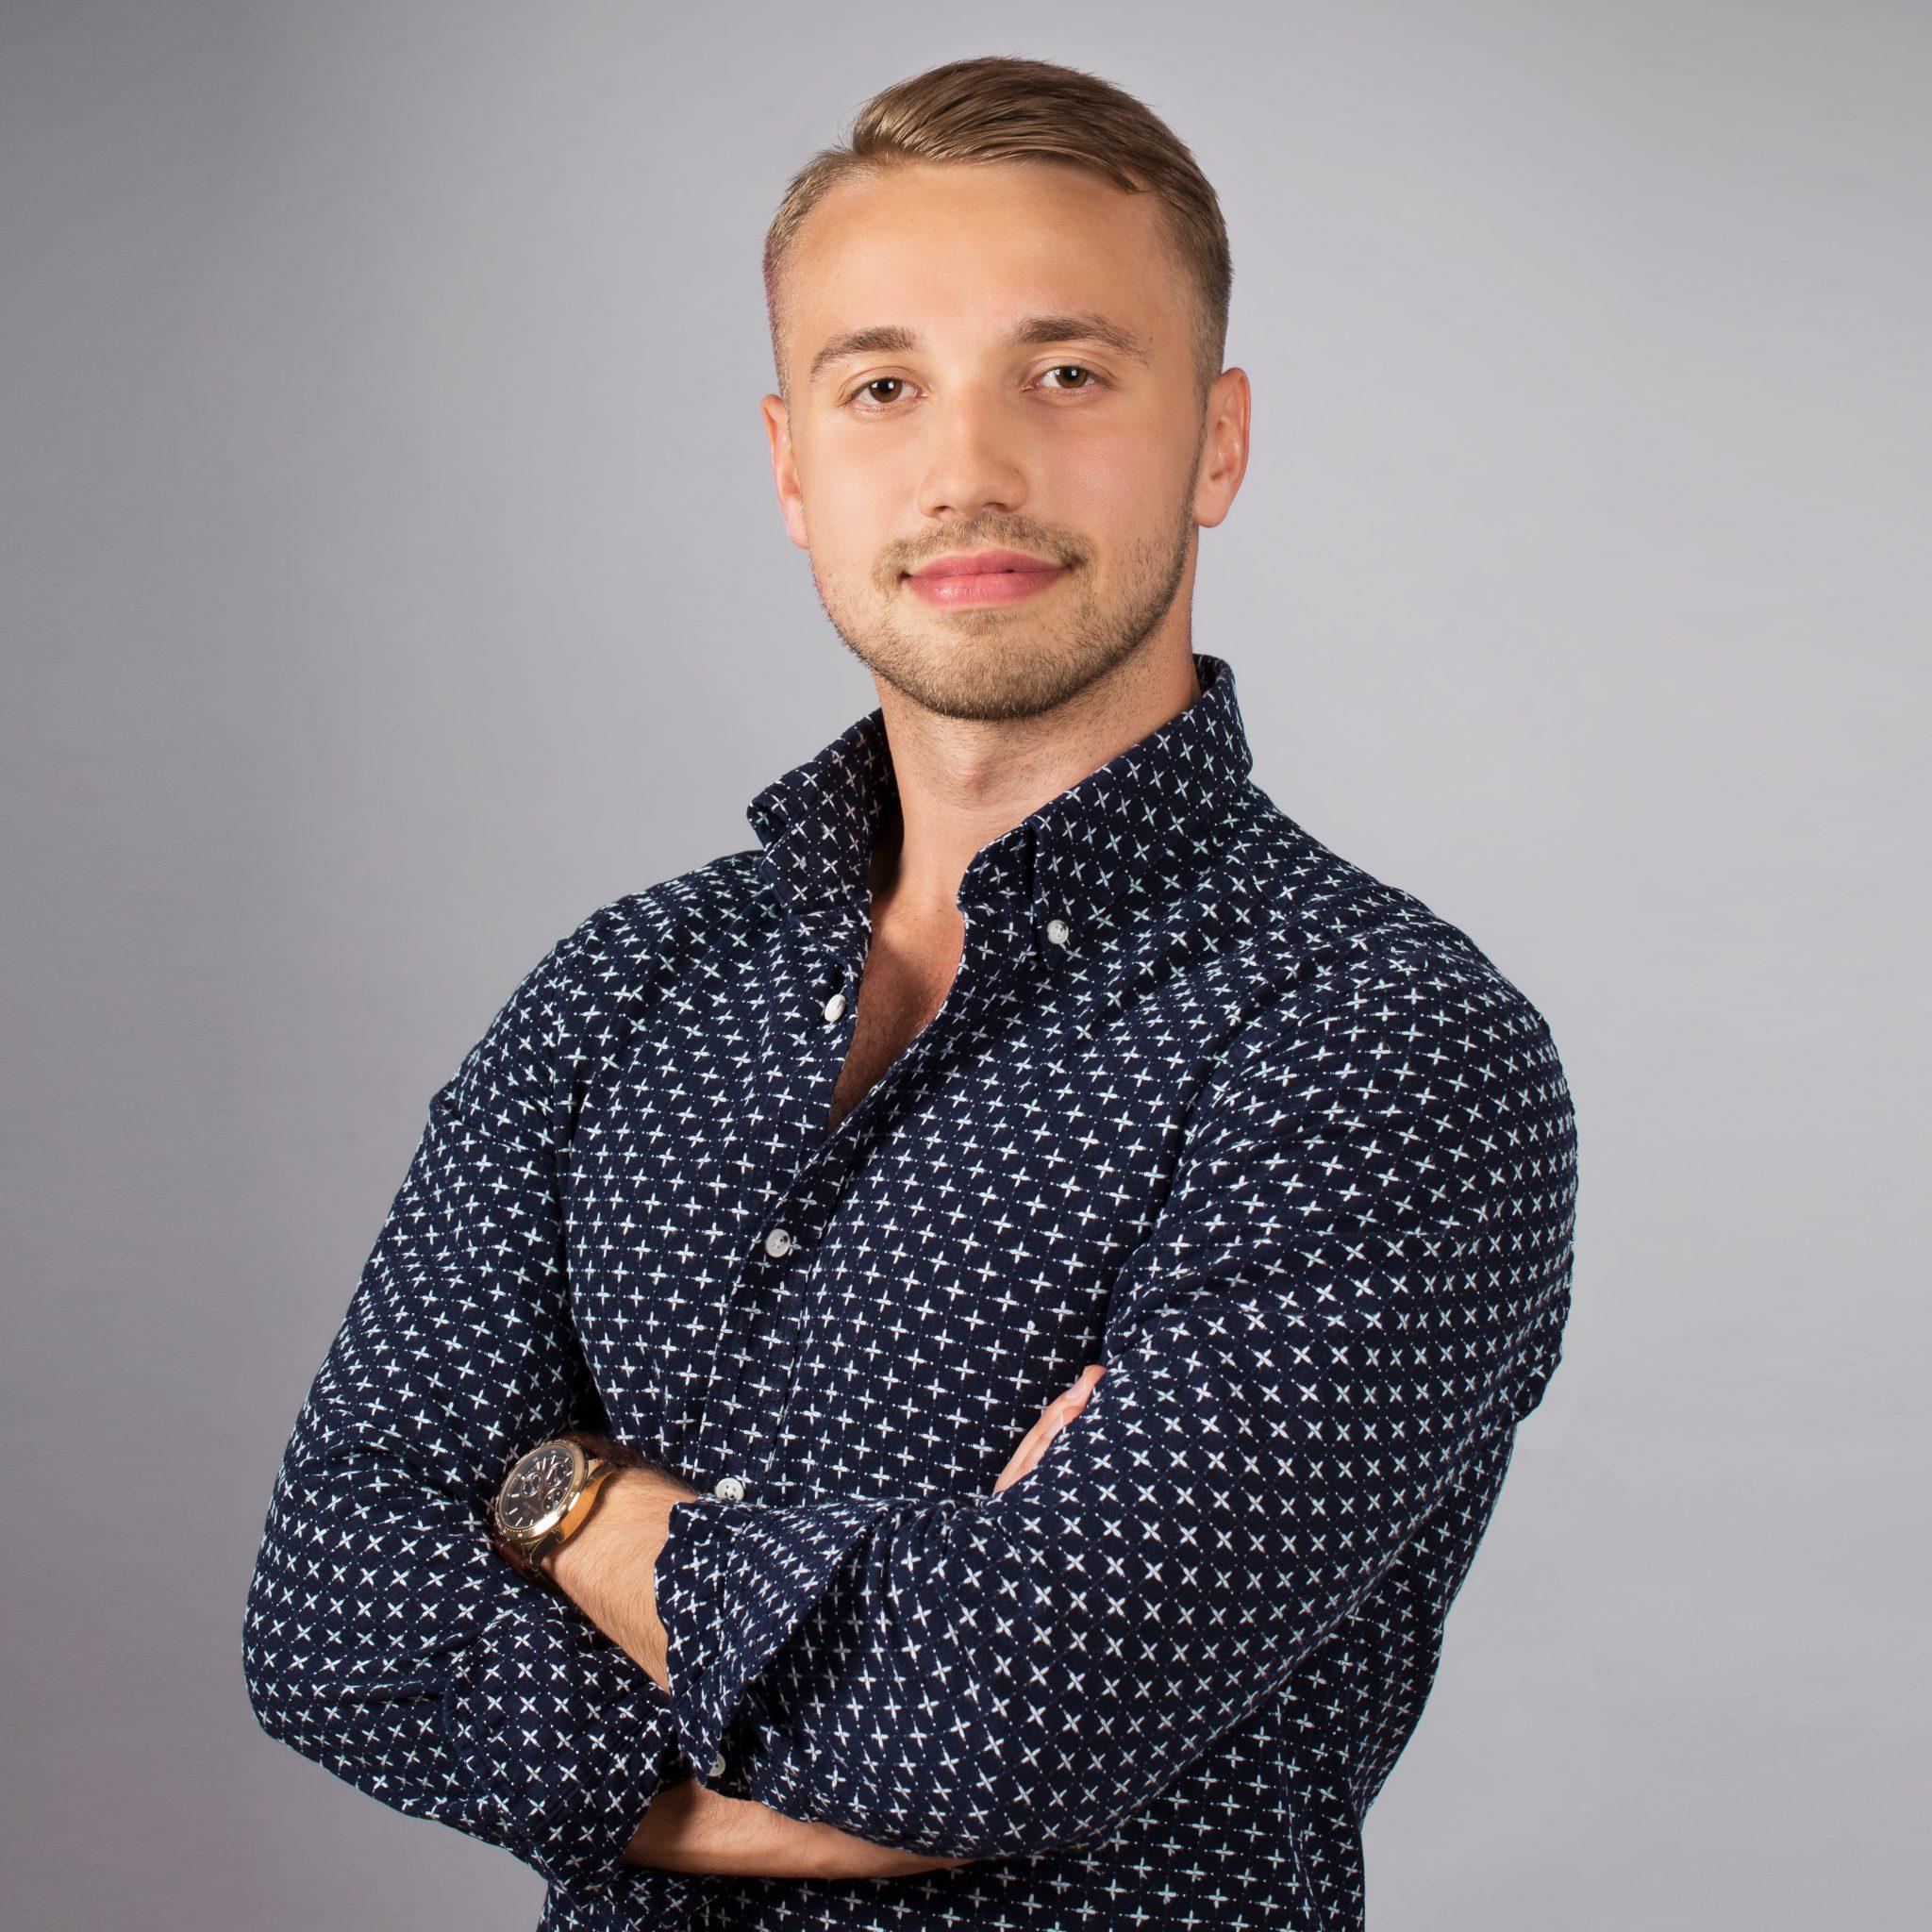 Martin Krawczyk